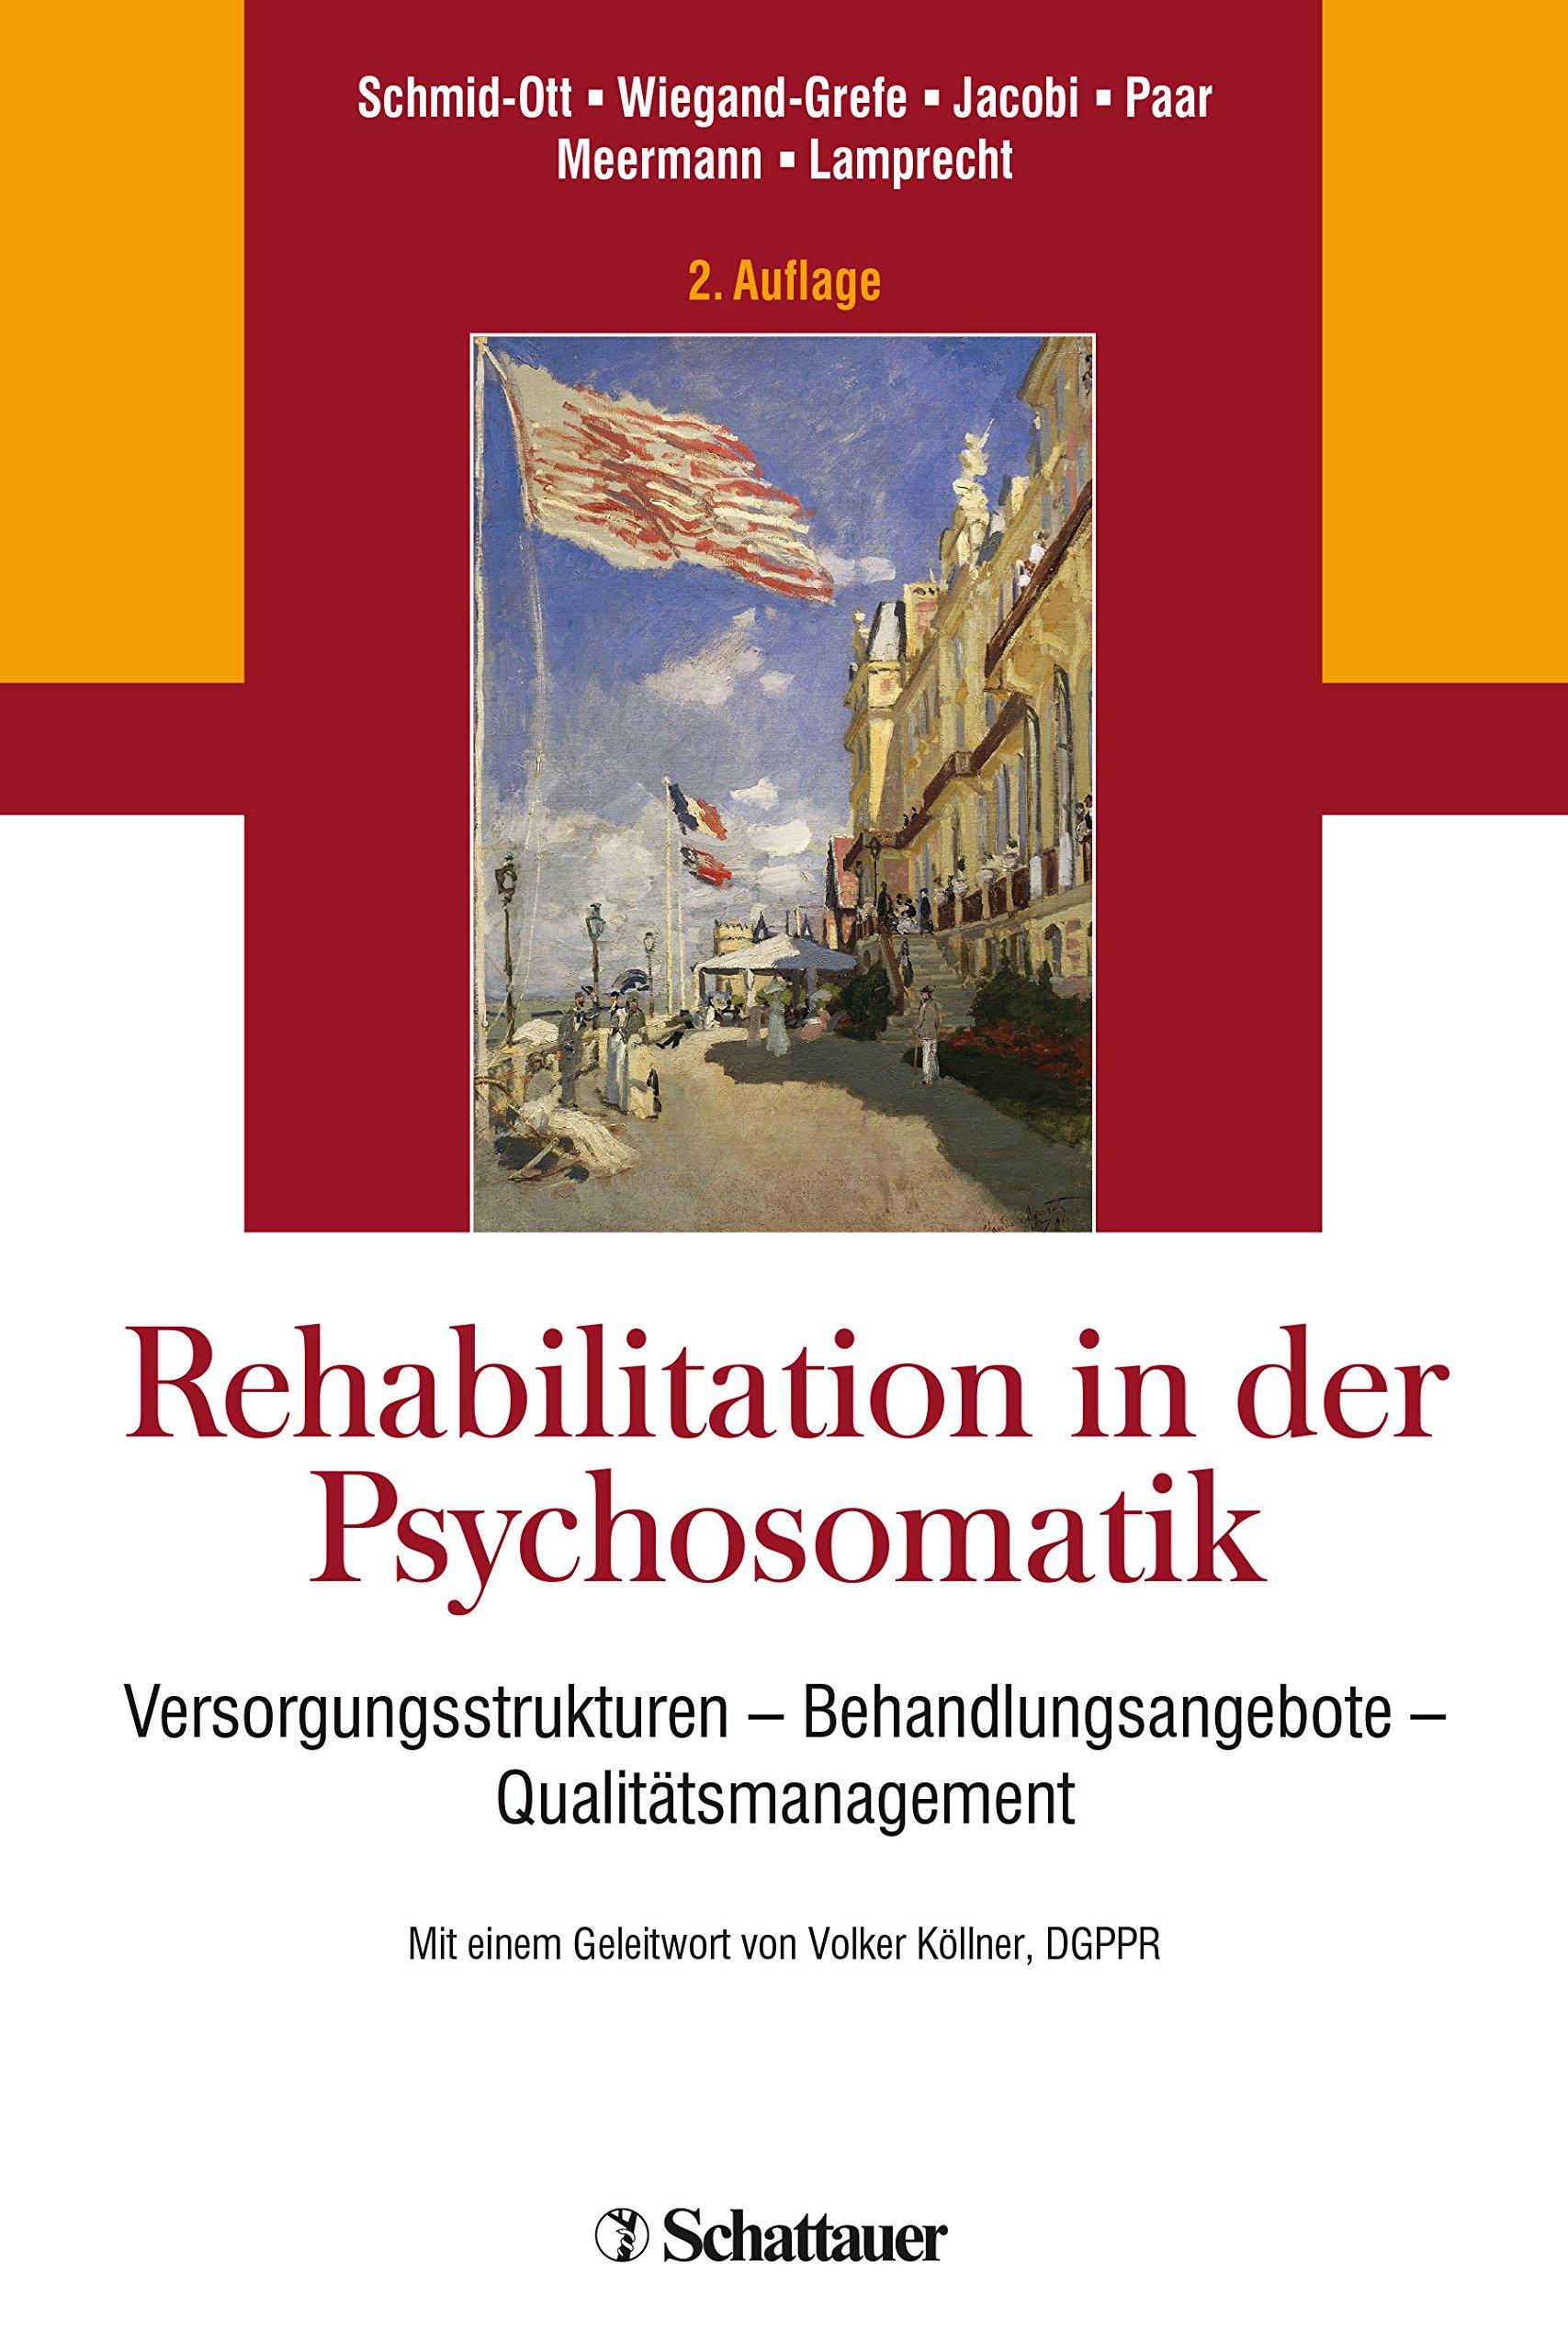 Rehabilitation in der Psychosomatik: Versorgungsstrukturen - Behandlungsangebote - Qualitätsmanagement